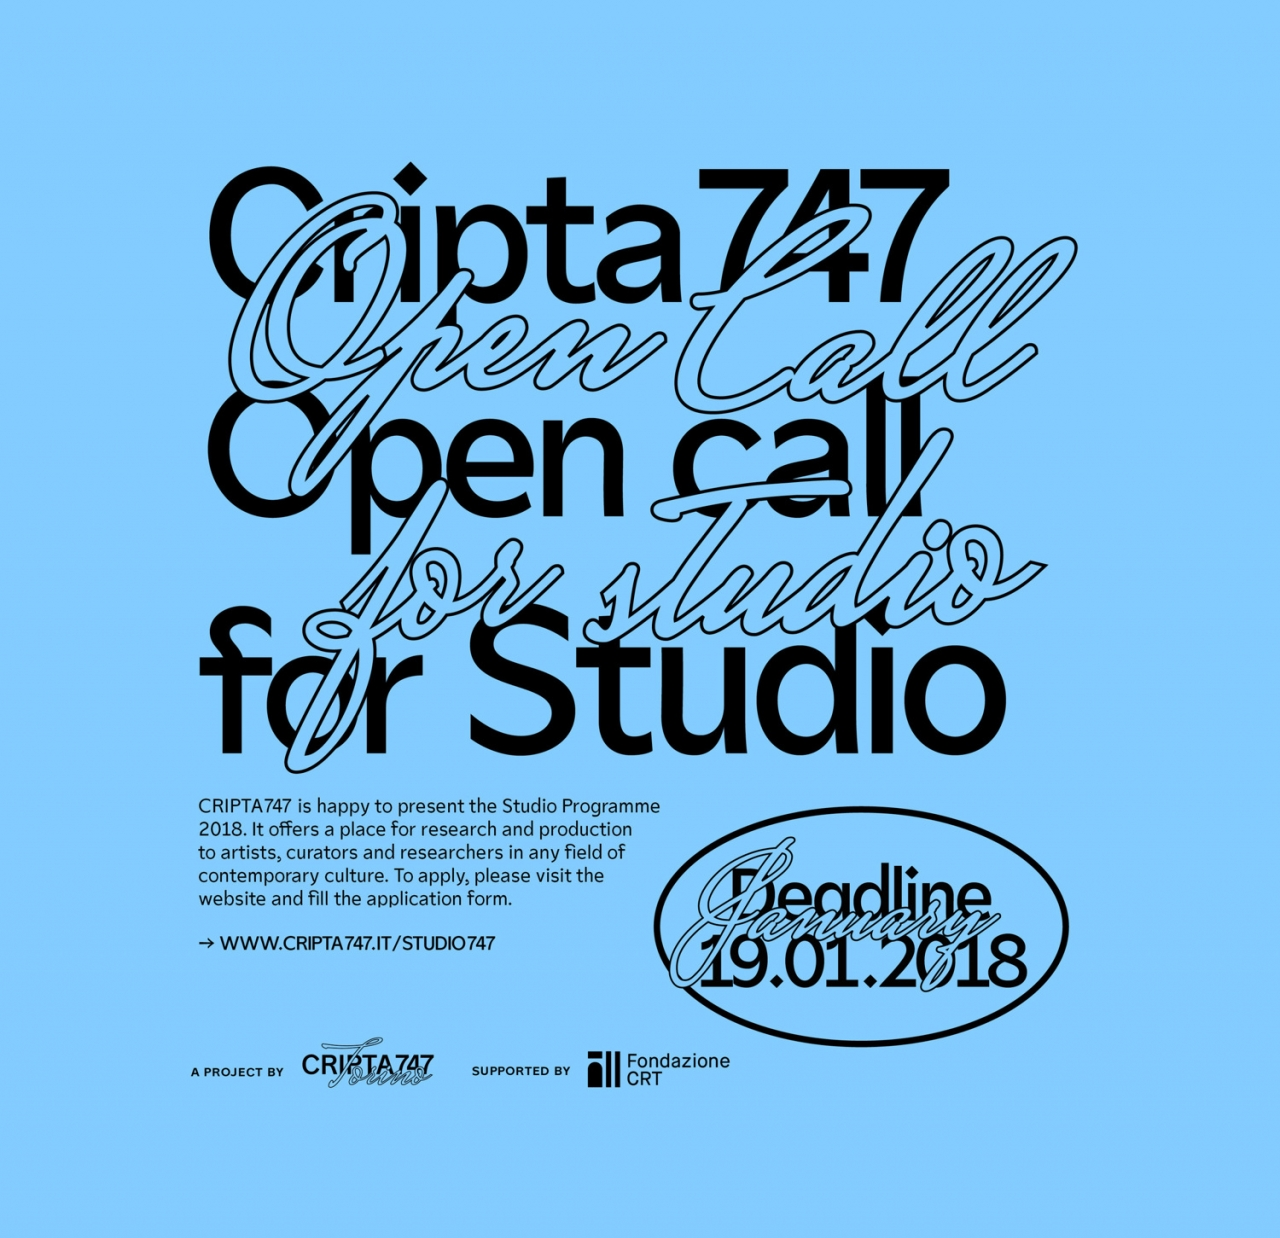 CRIPTA747 CRIPTA747 Torino – CONTEMPORARY ART SPACE